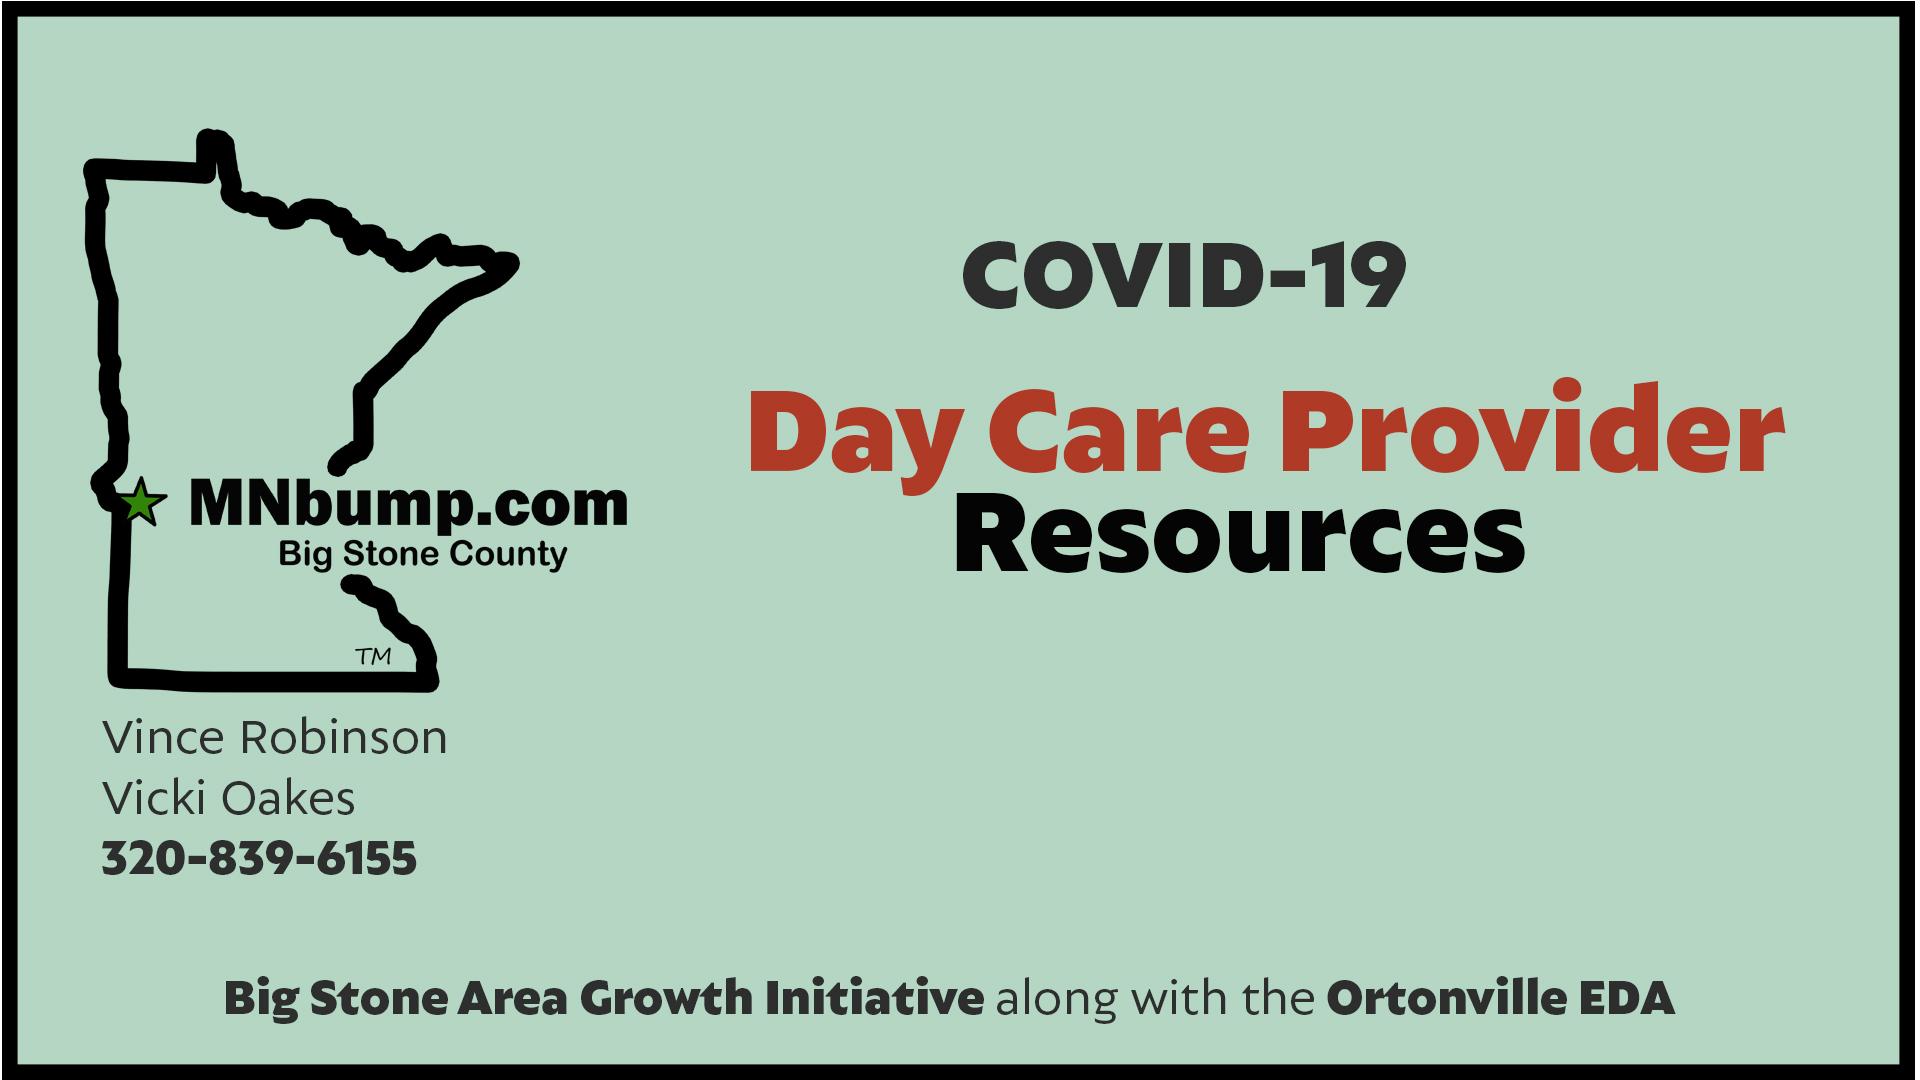 COVID-19 Child Care Provider Resources